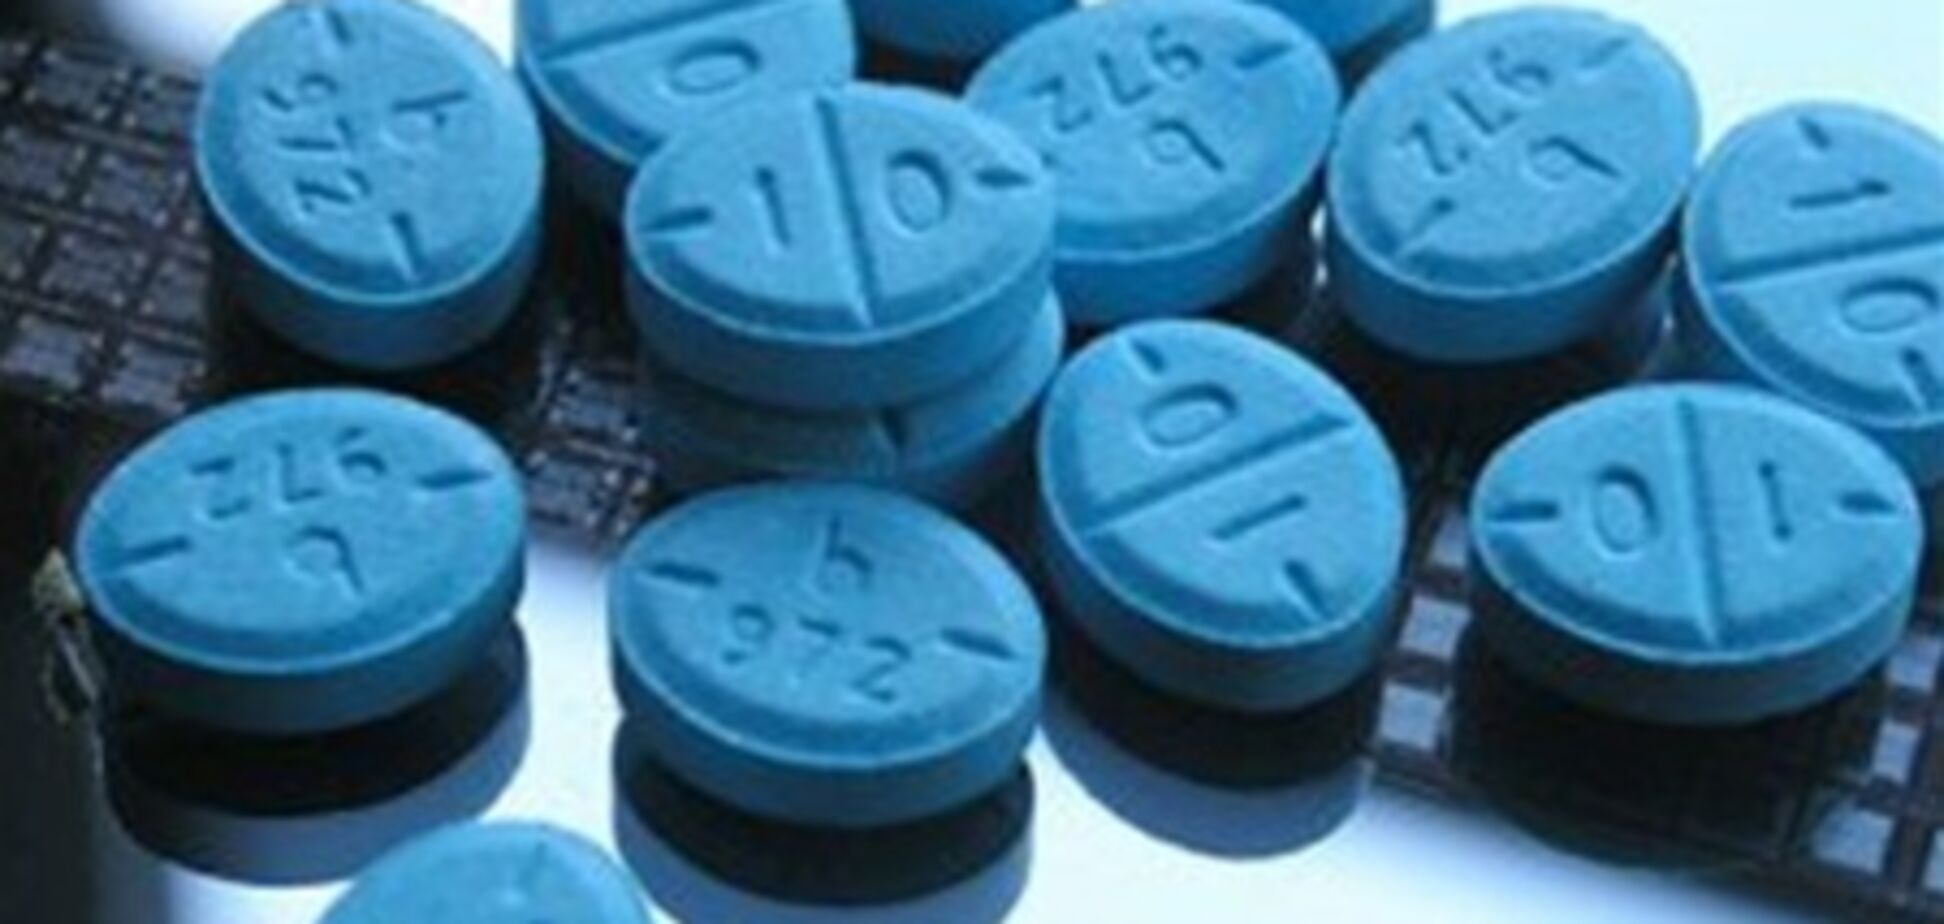 Продажа наркотиков в vip-школах заинтересовала милицию